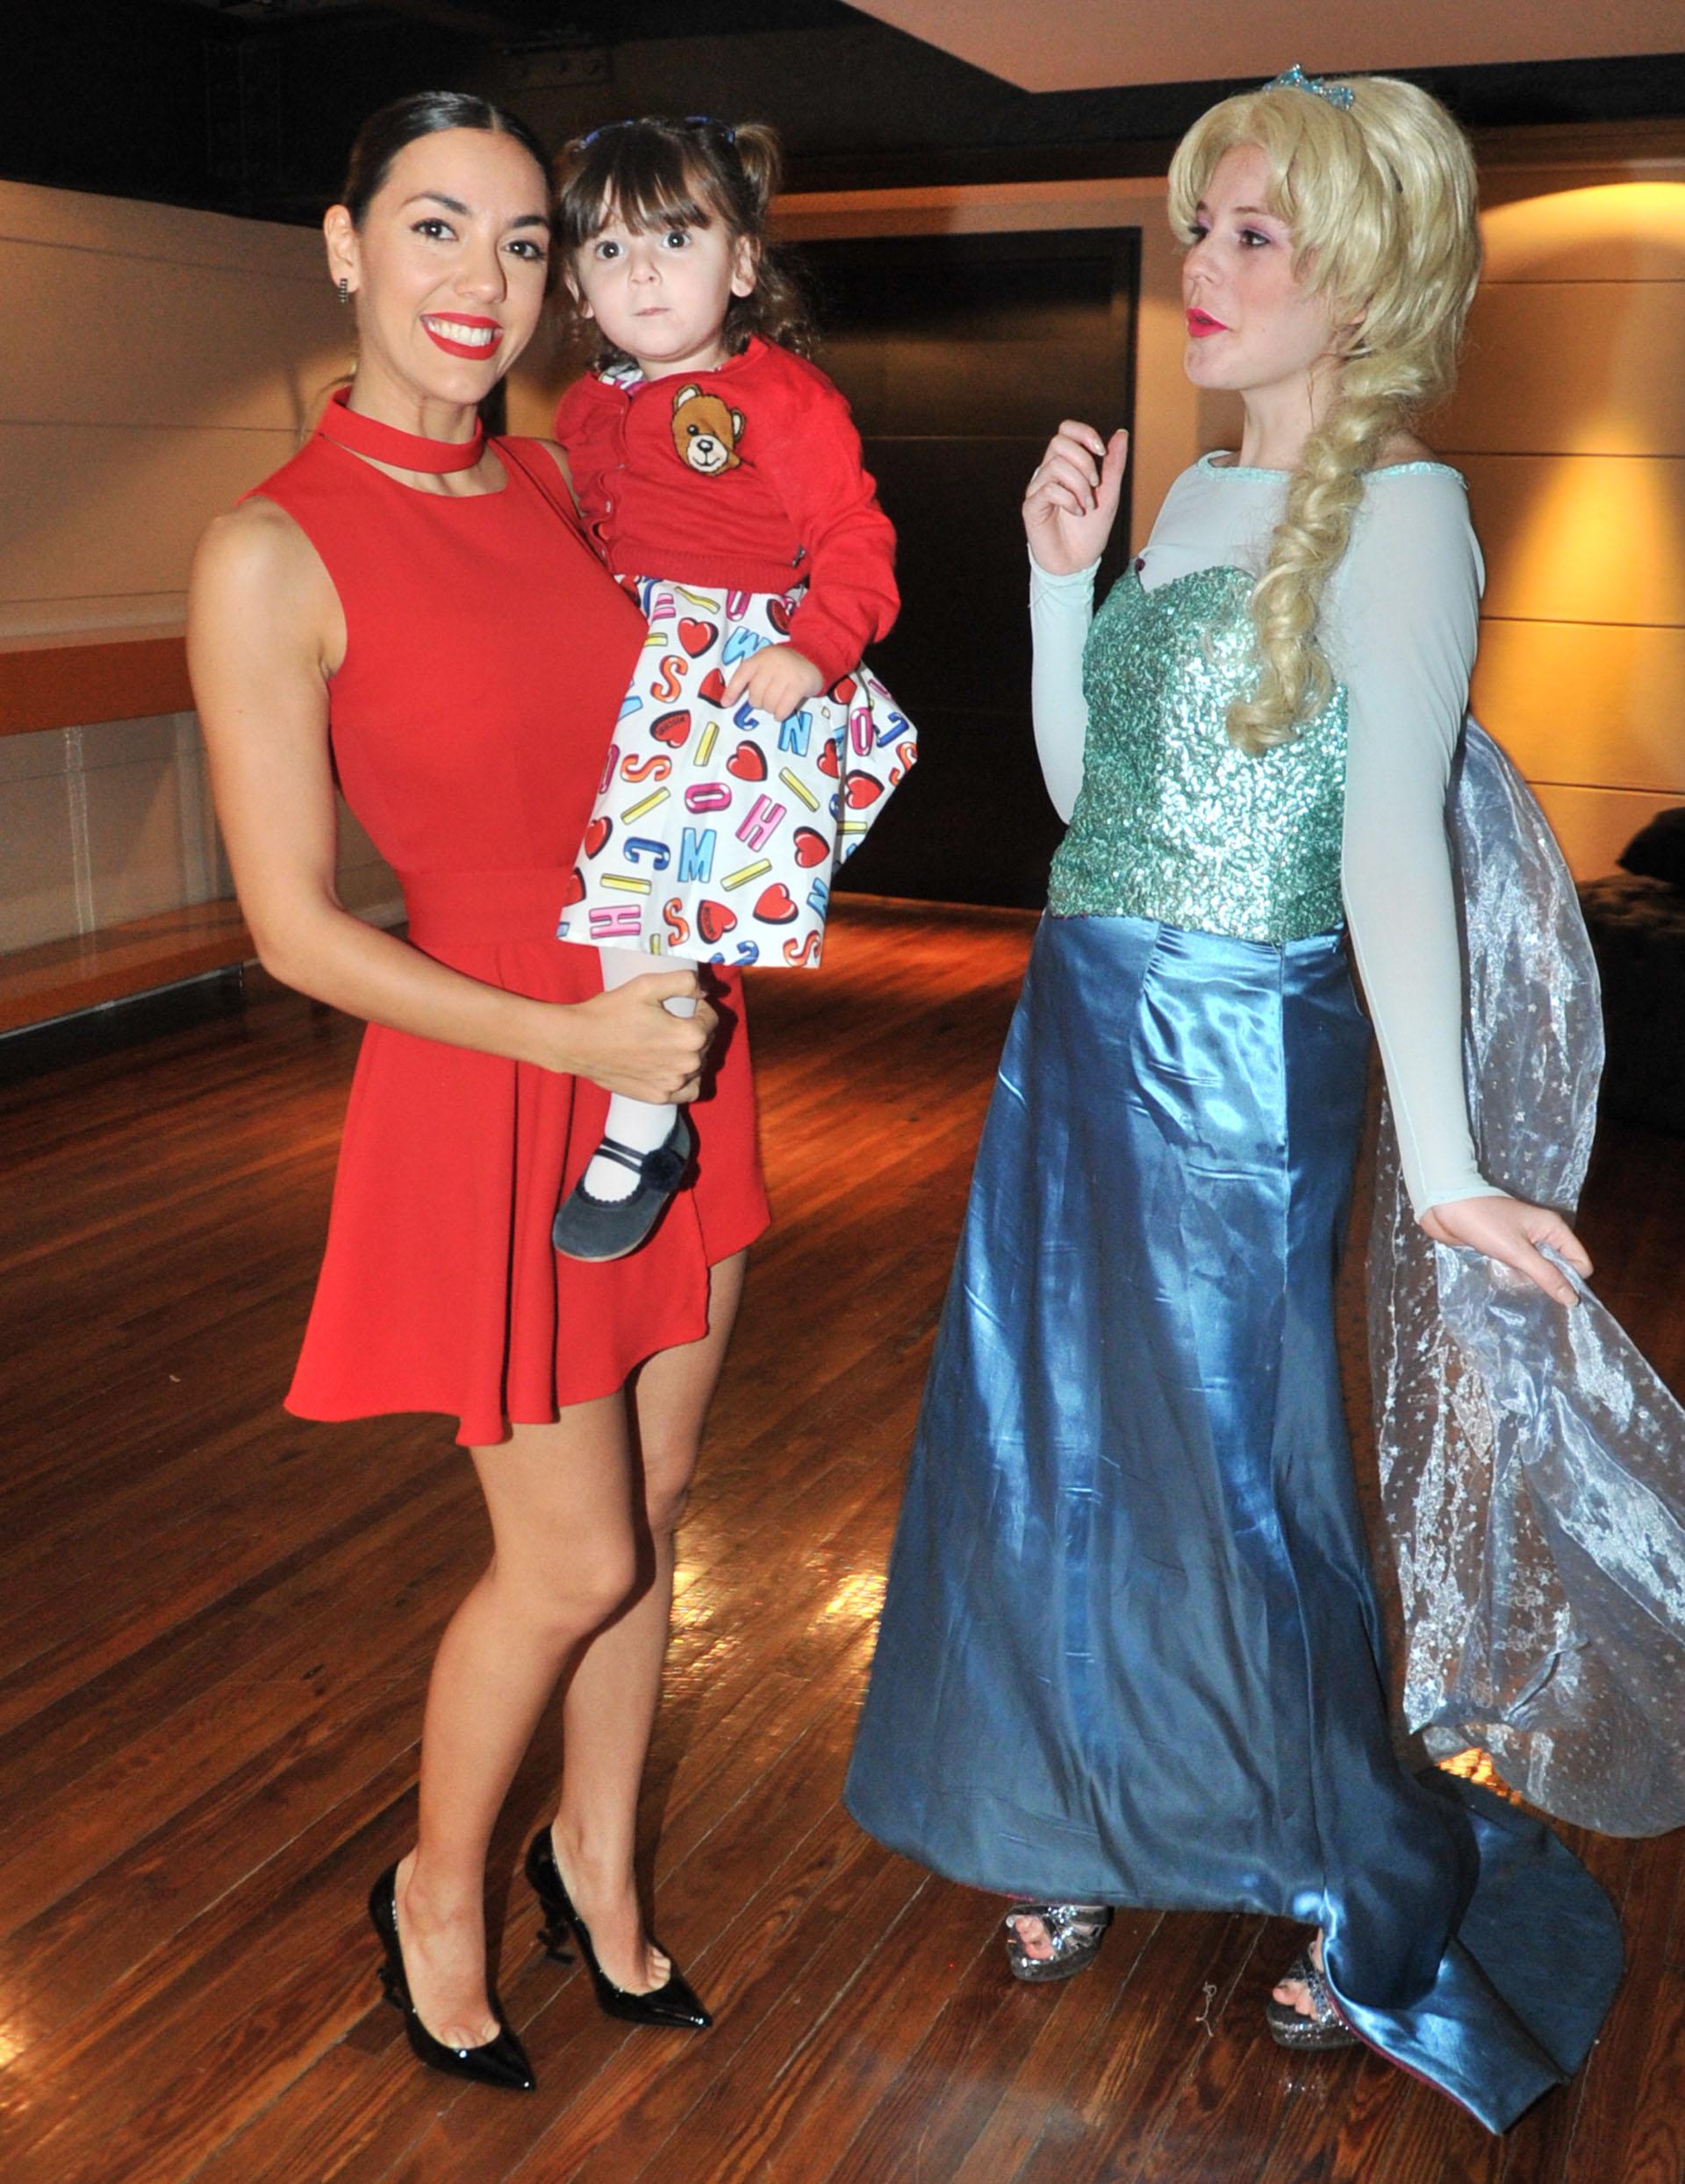 Al ingresar al salón, la princesa Elsa recibía a los invitados